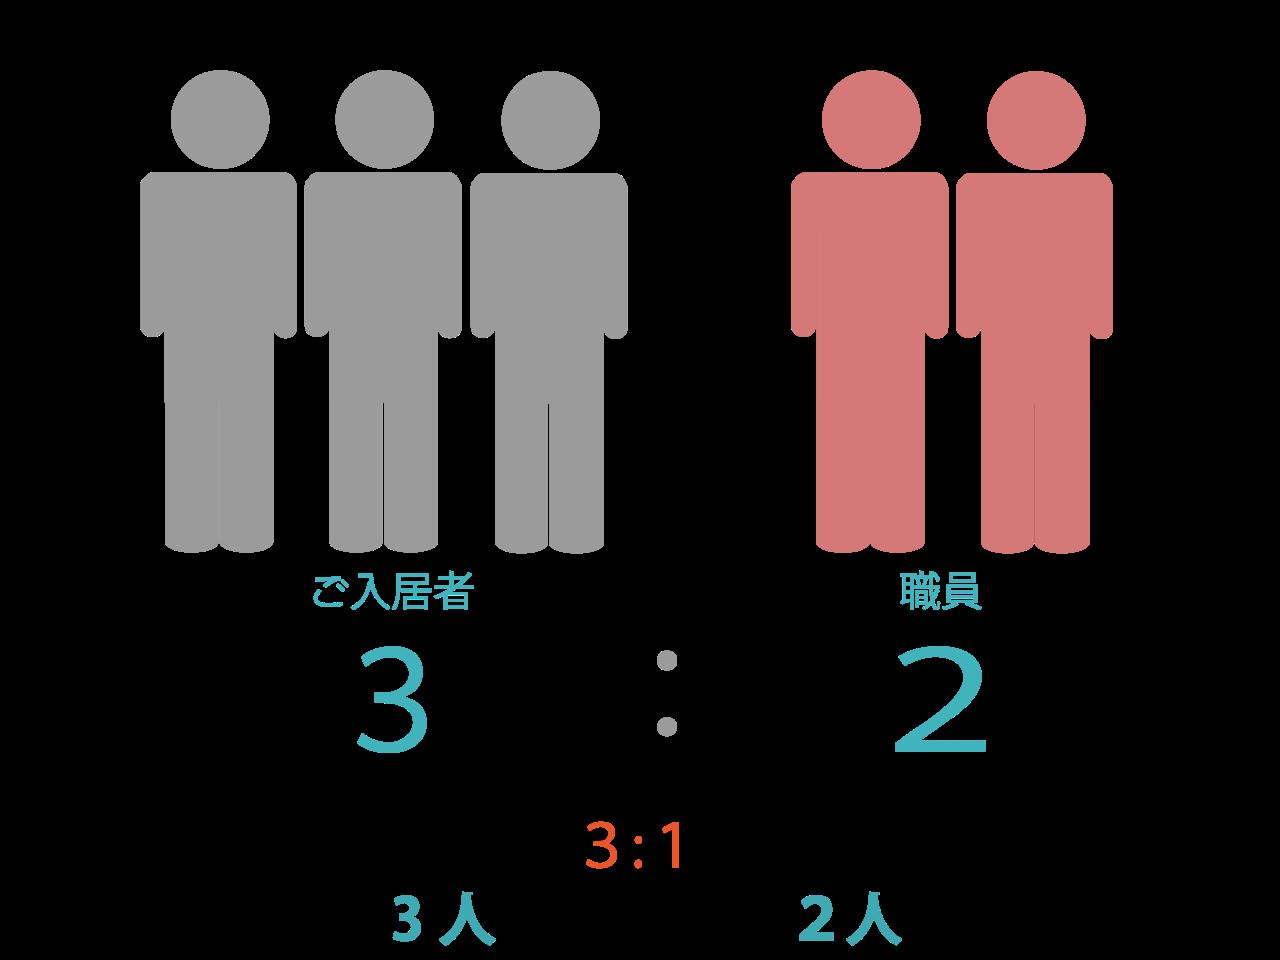 ご入居者に対する看護・介護職員の割合は3:2